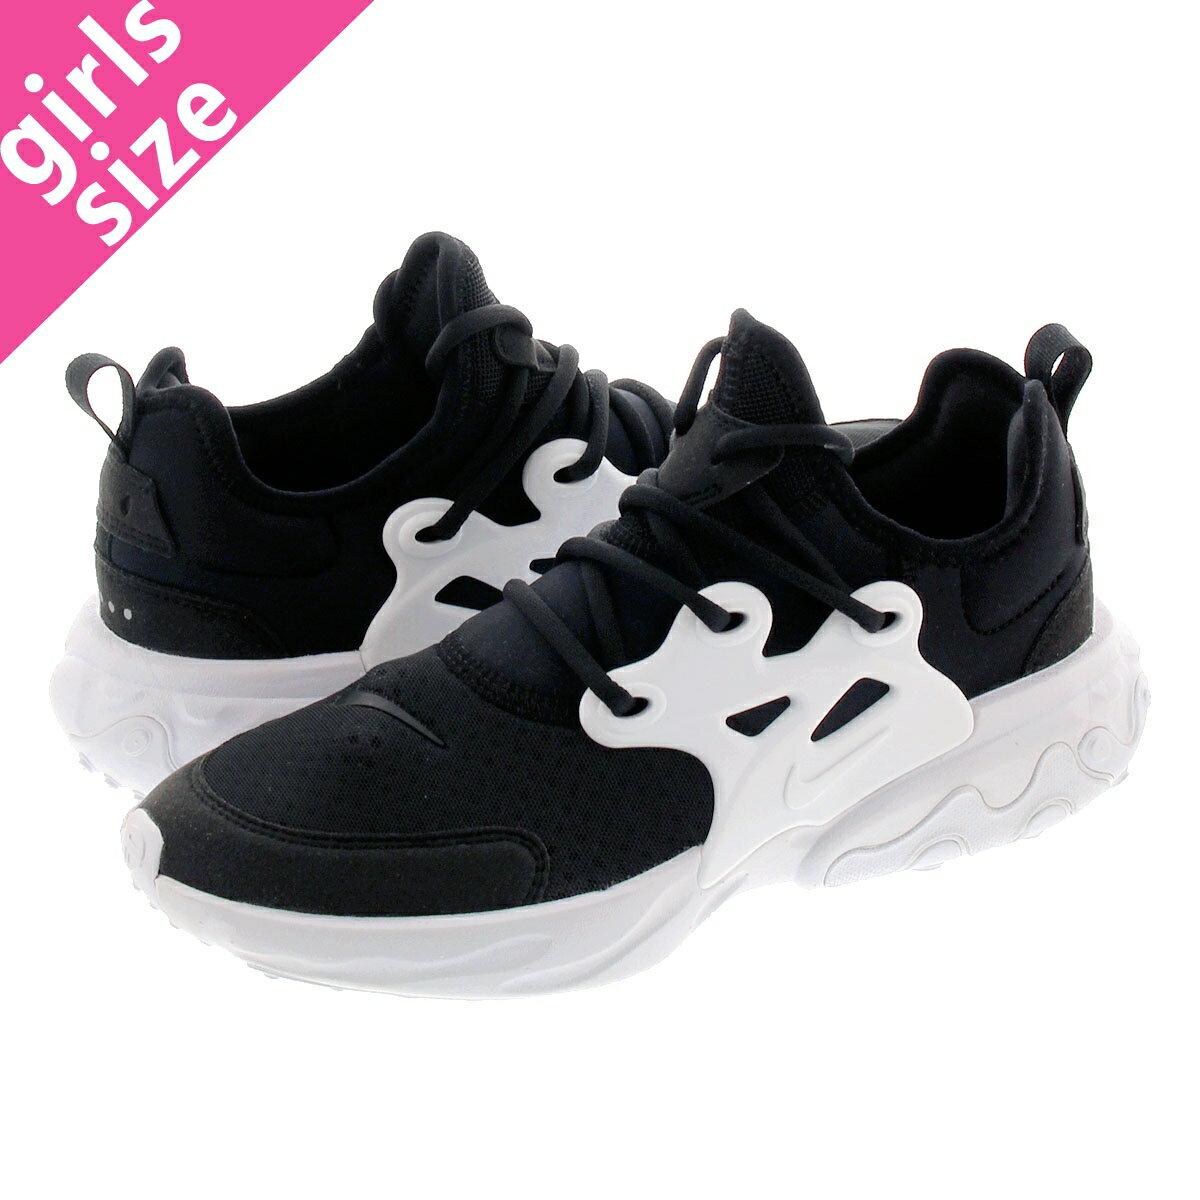 レディース靴, スニーカー NIKE REACT PRESTO GS GS BLACKWHITE bq4002-001